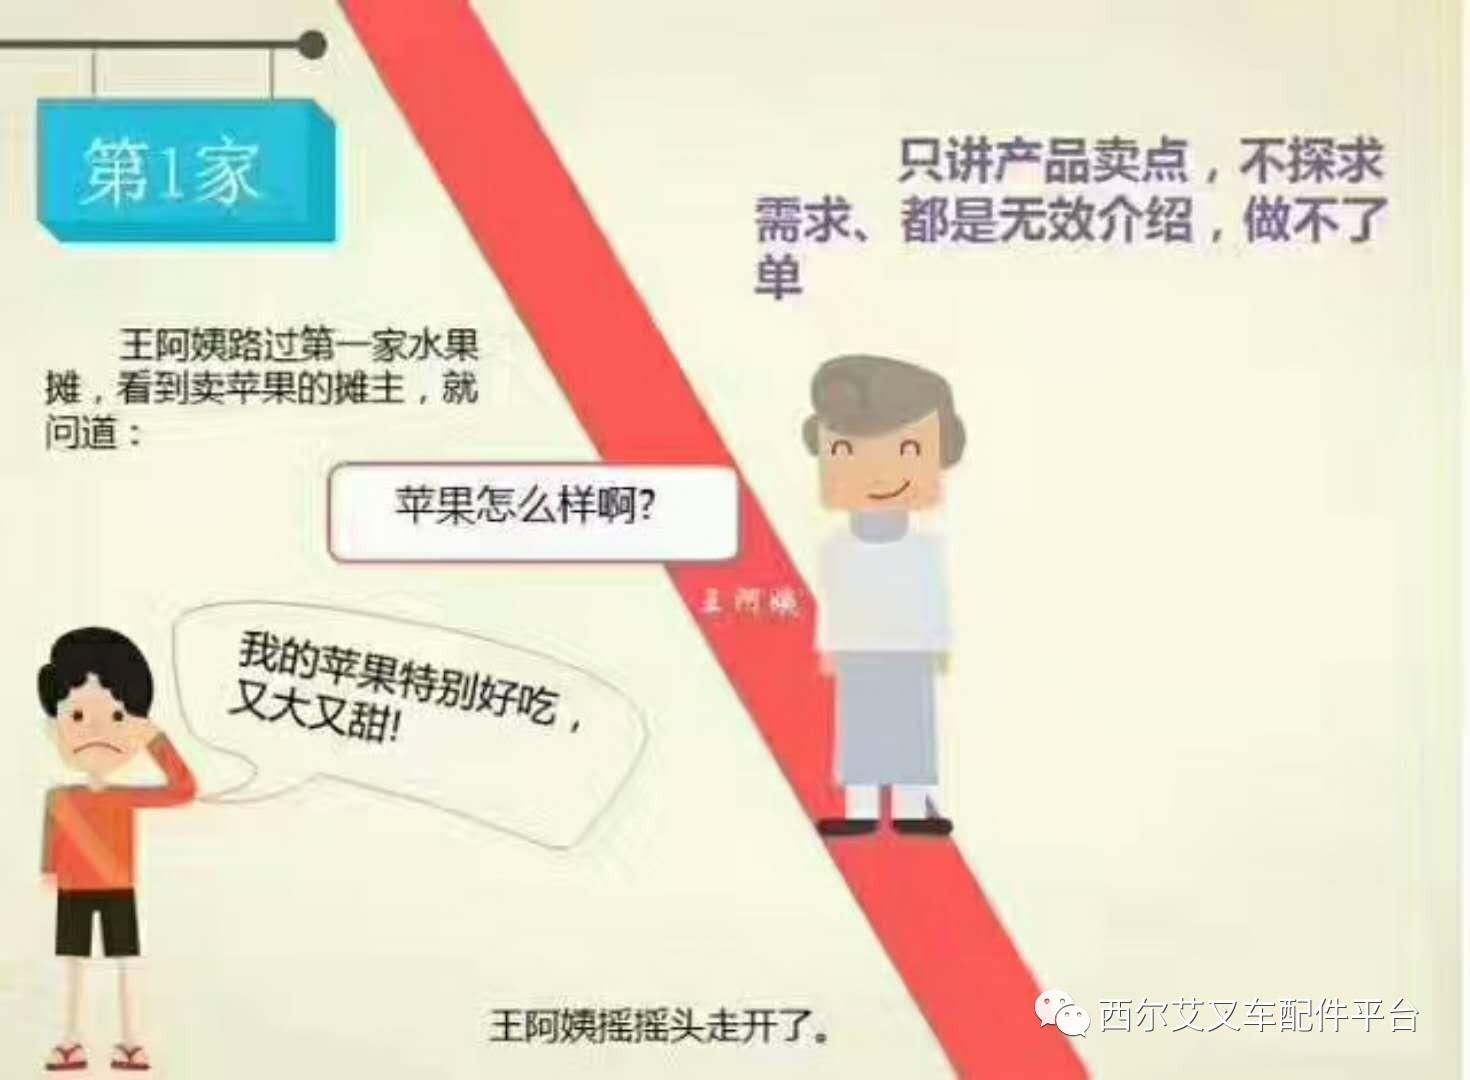 香港保险业务员穿着